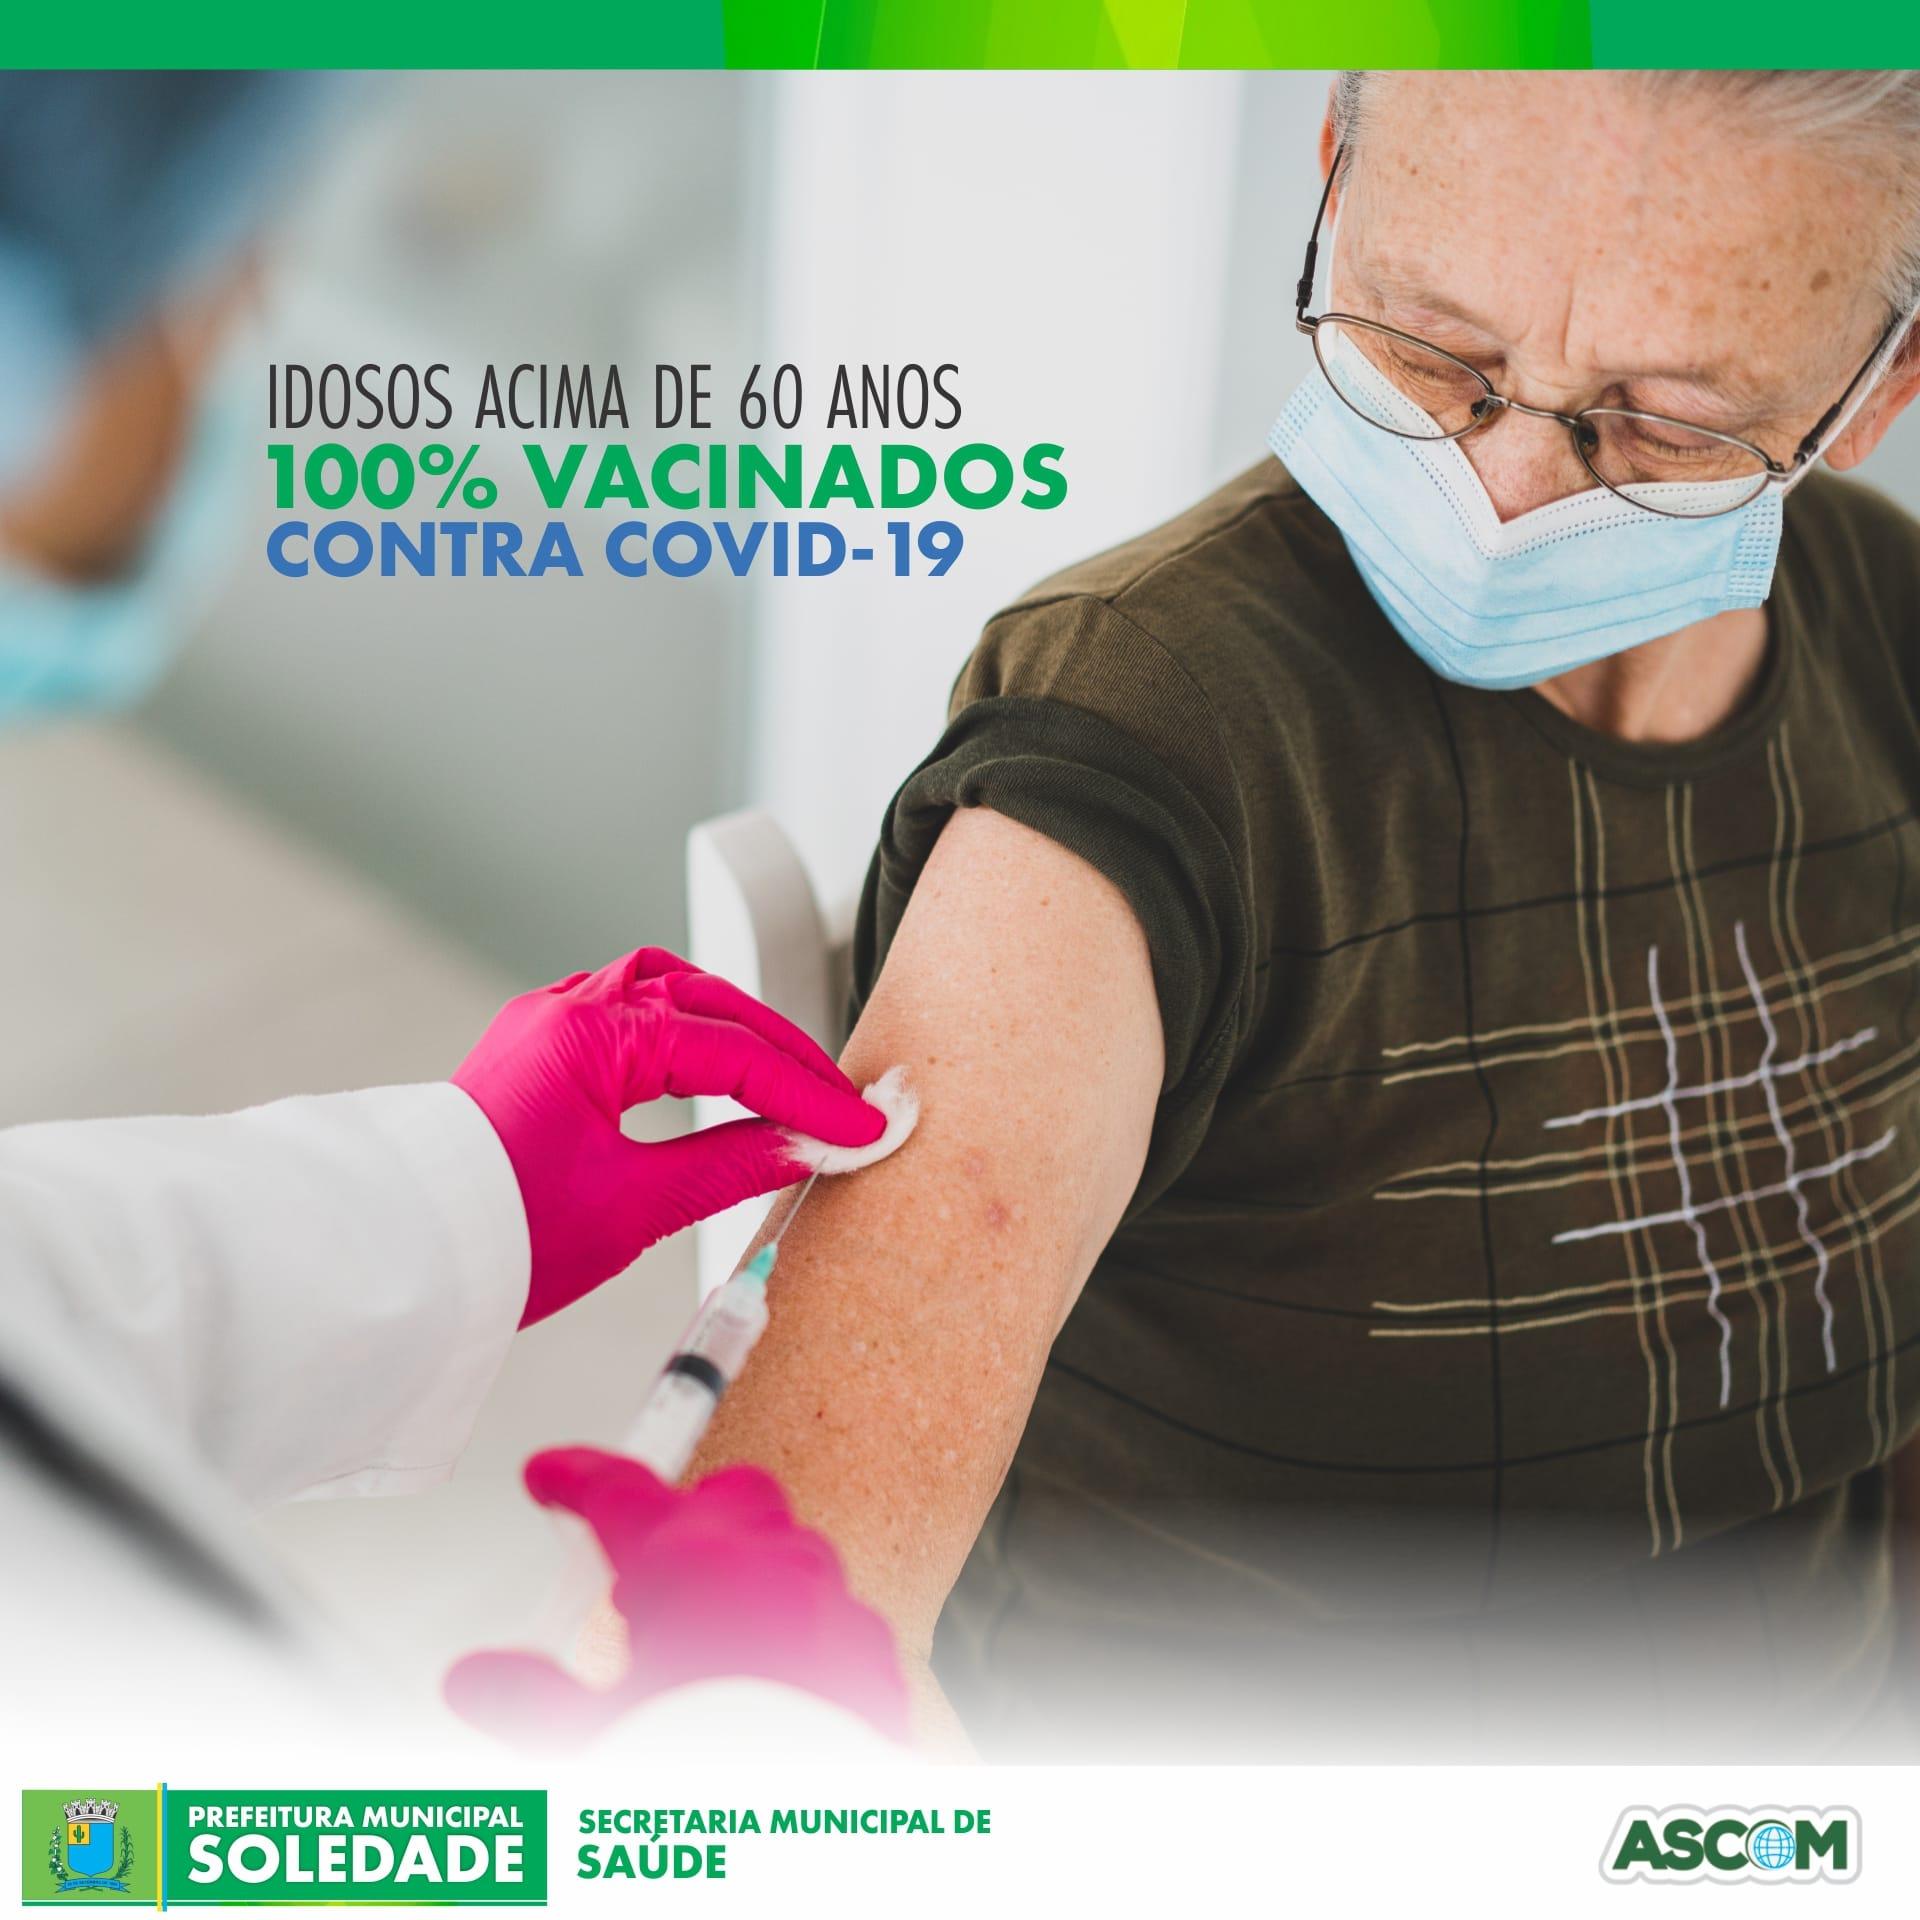 Grupo prioritário de idosos acima de 60 anos foram todos vacinados em Soledade